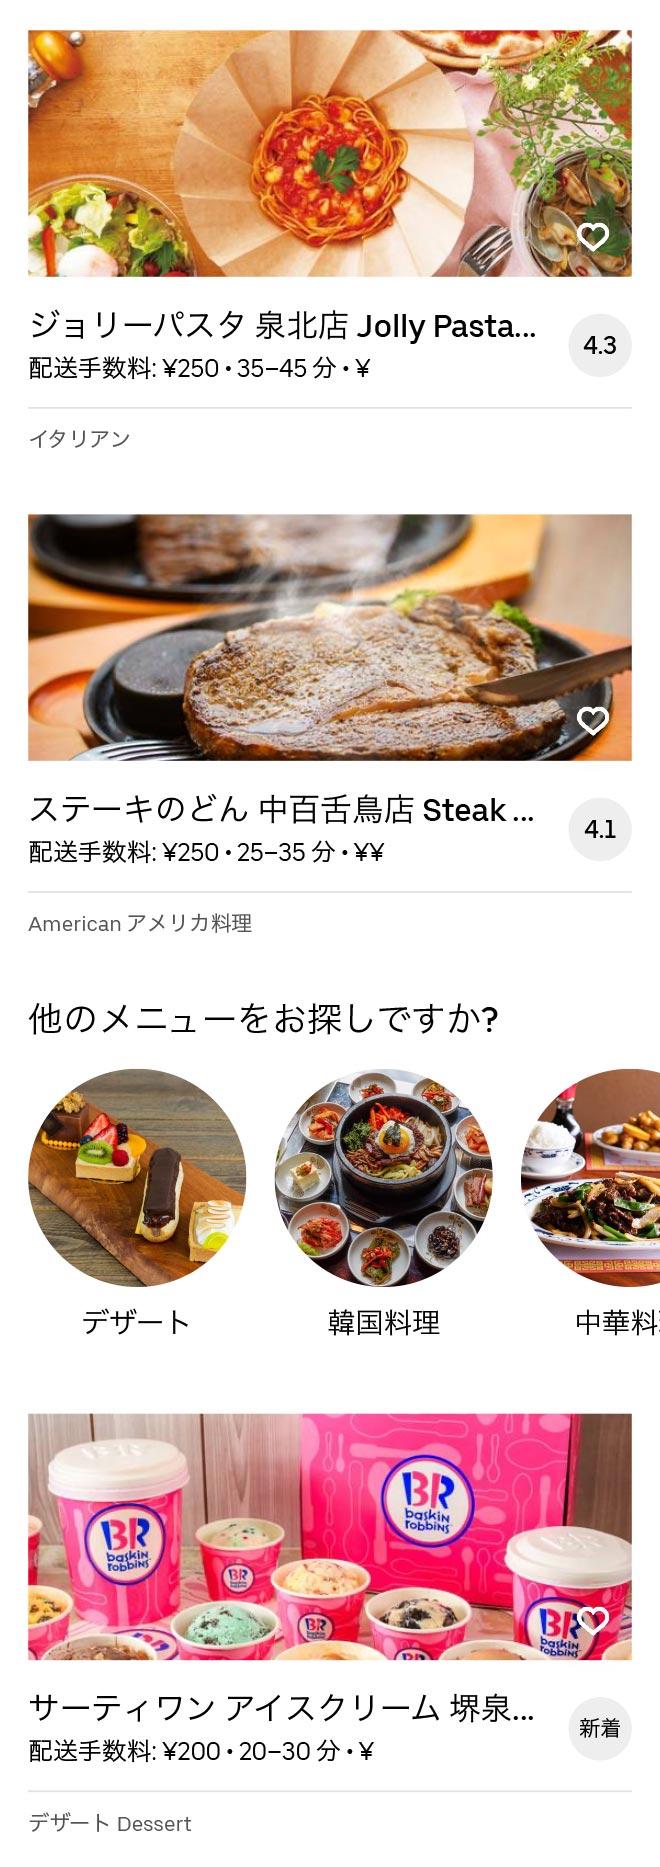 Sakai fukai menu 2005 04